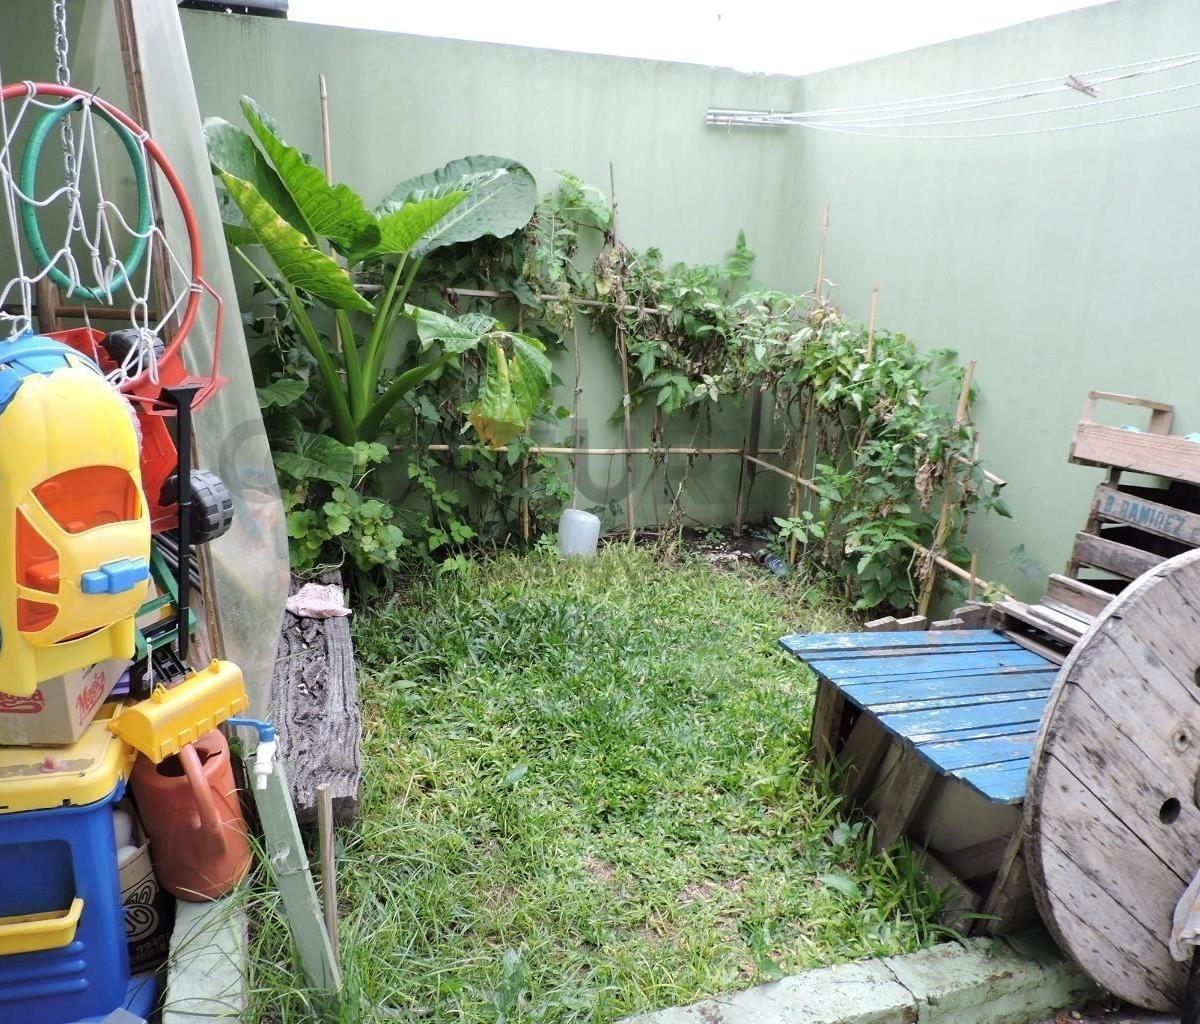 49 entre 133 y 134. casa de 4 dorm, en venta, barrio gambier.-